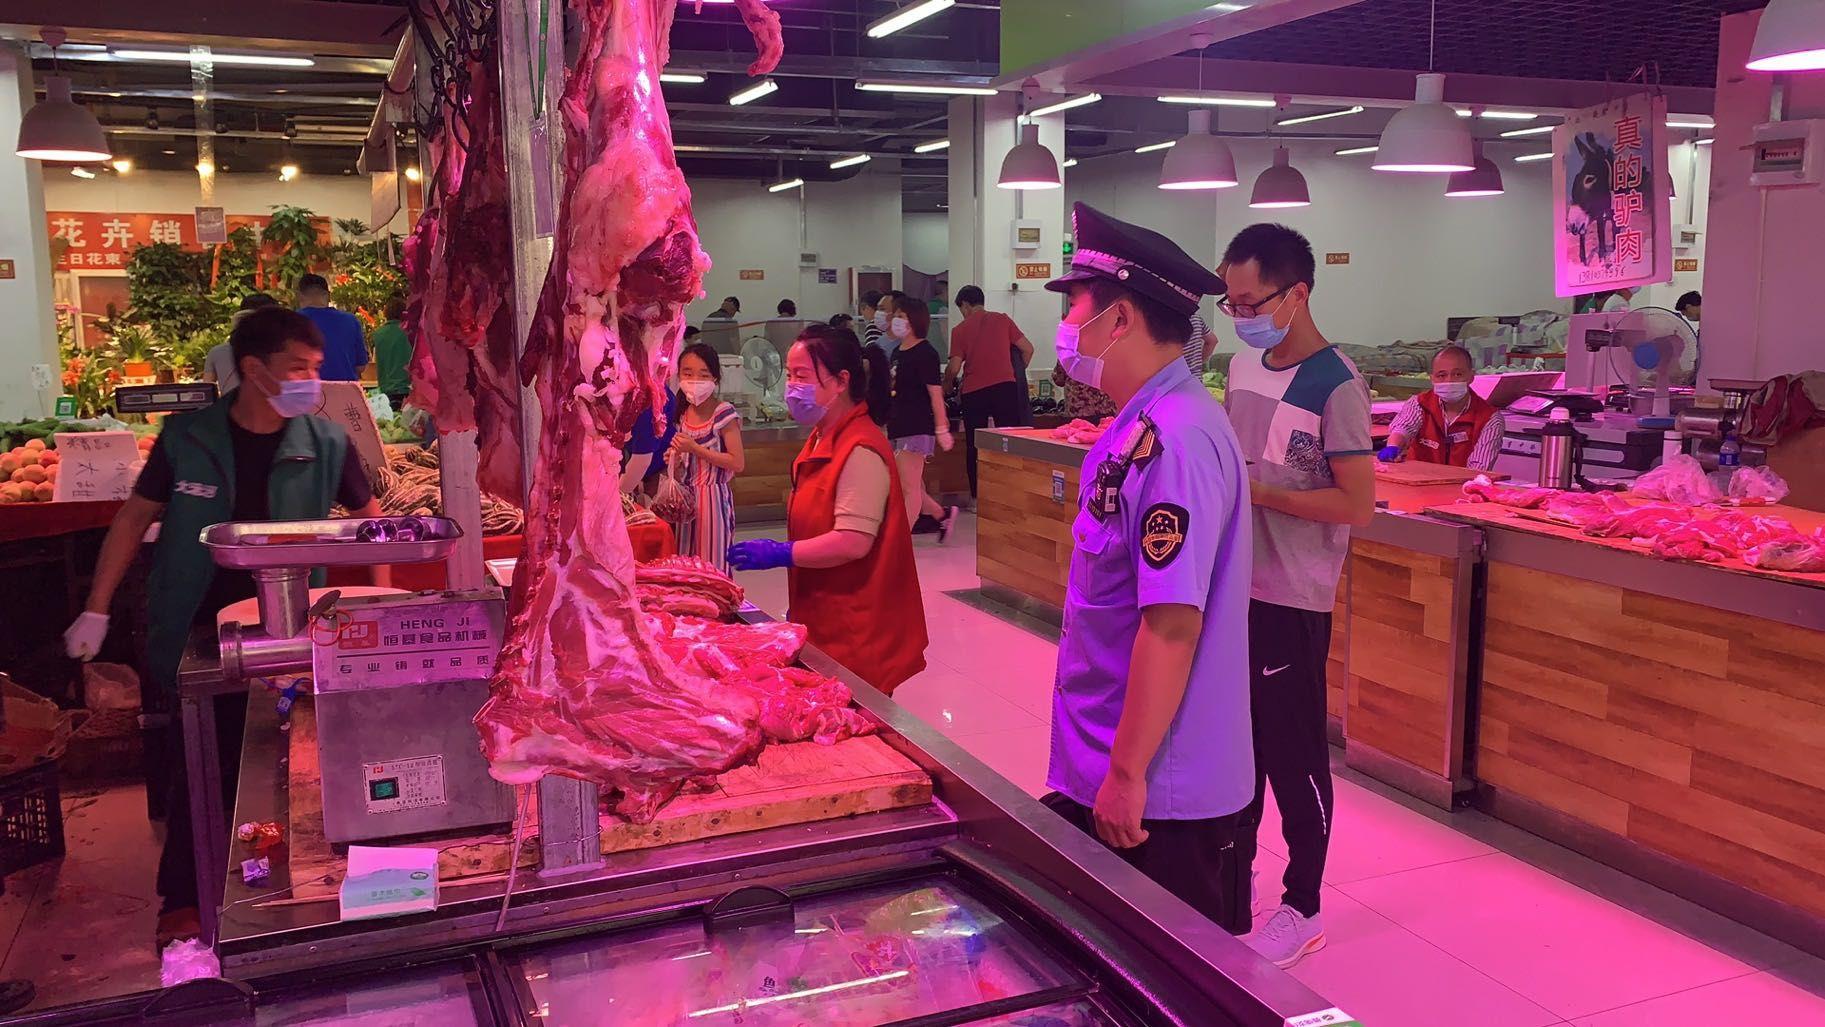 《【超越娱乐注册】北京封存从新发地采购的肉类、海鲜 对销售场所环境采样》